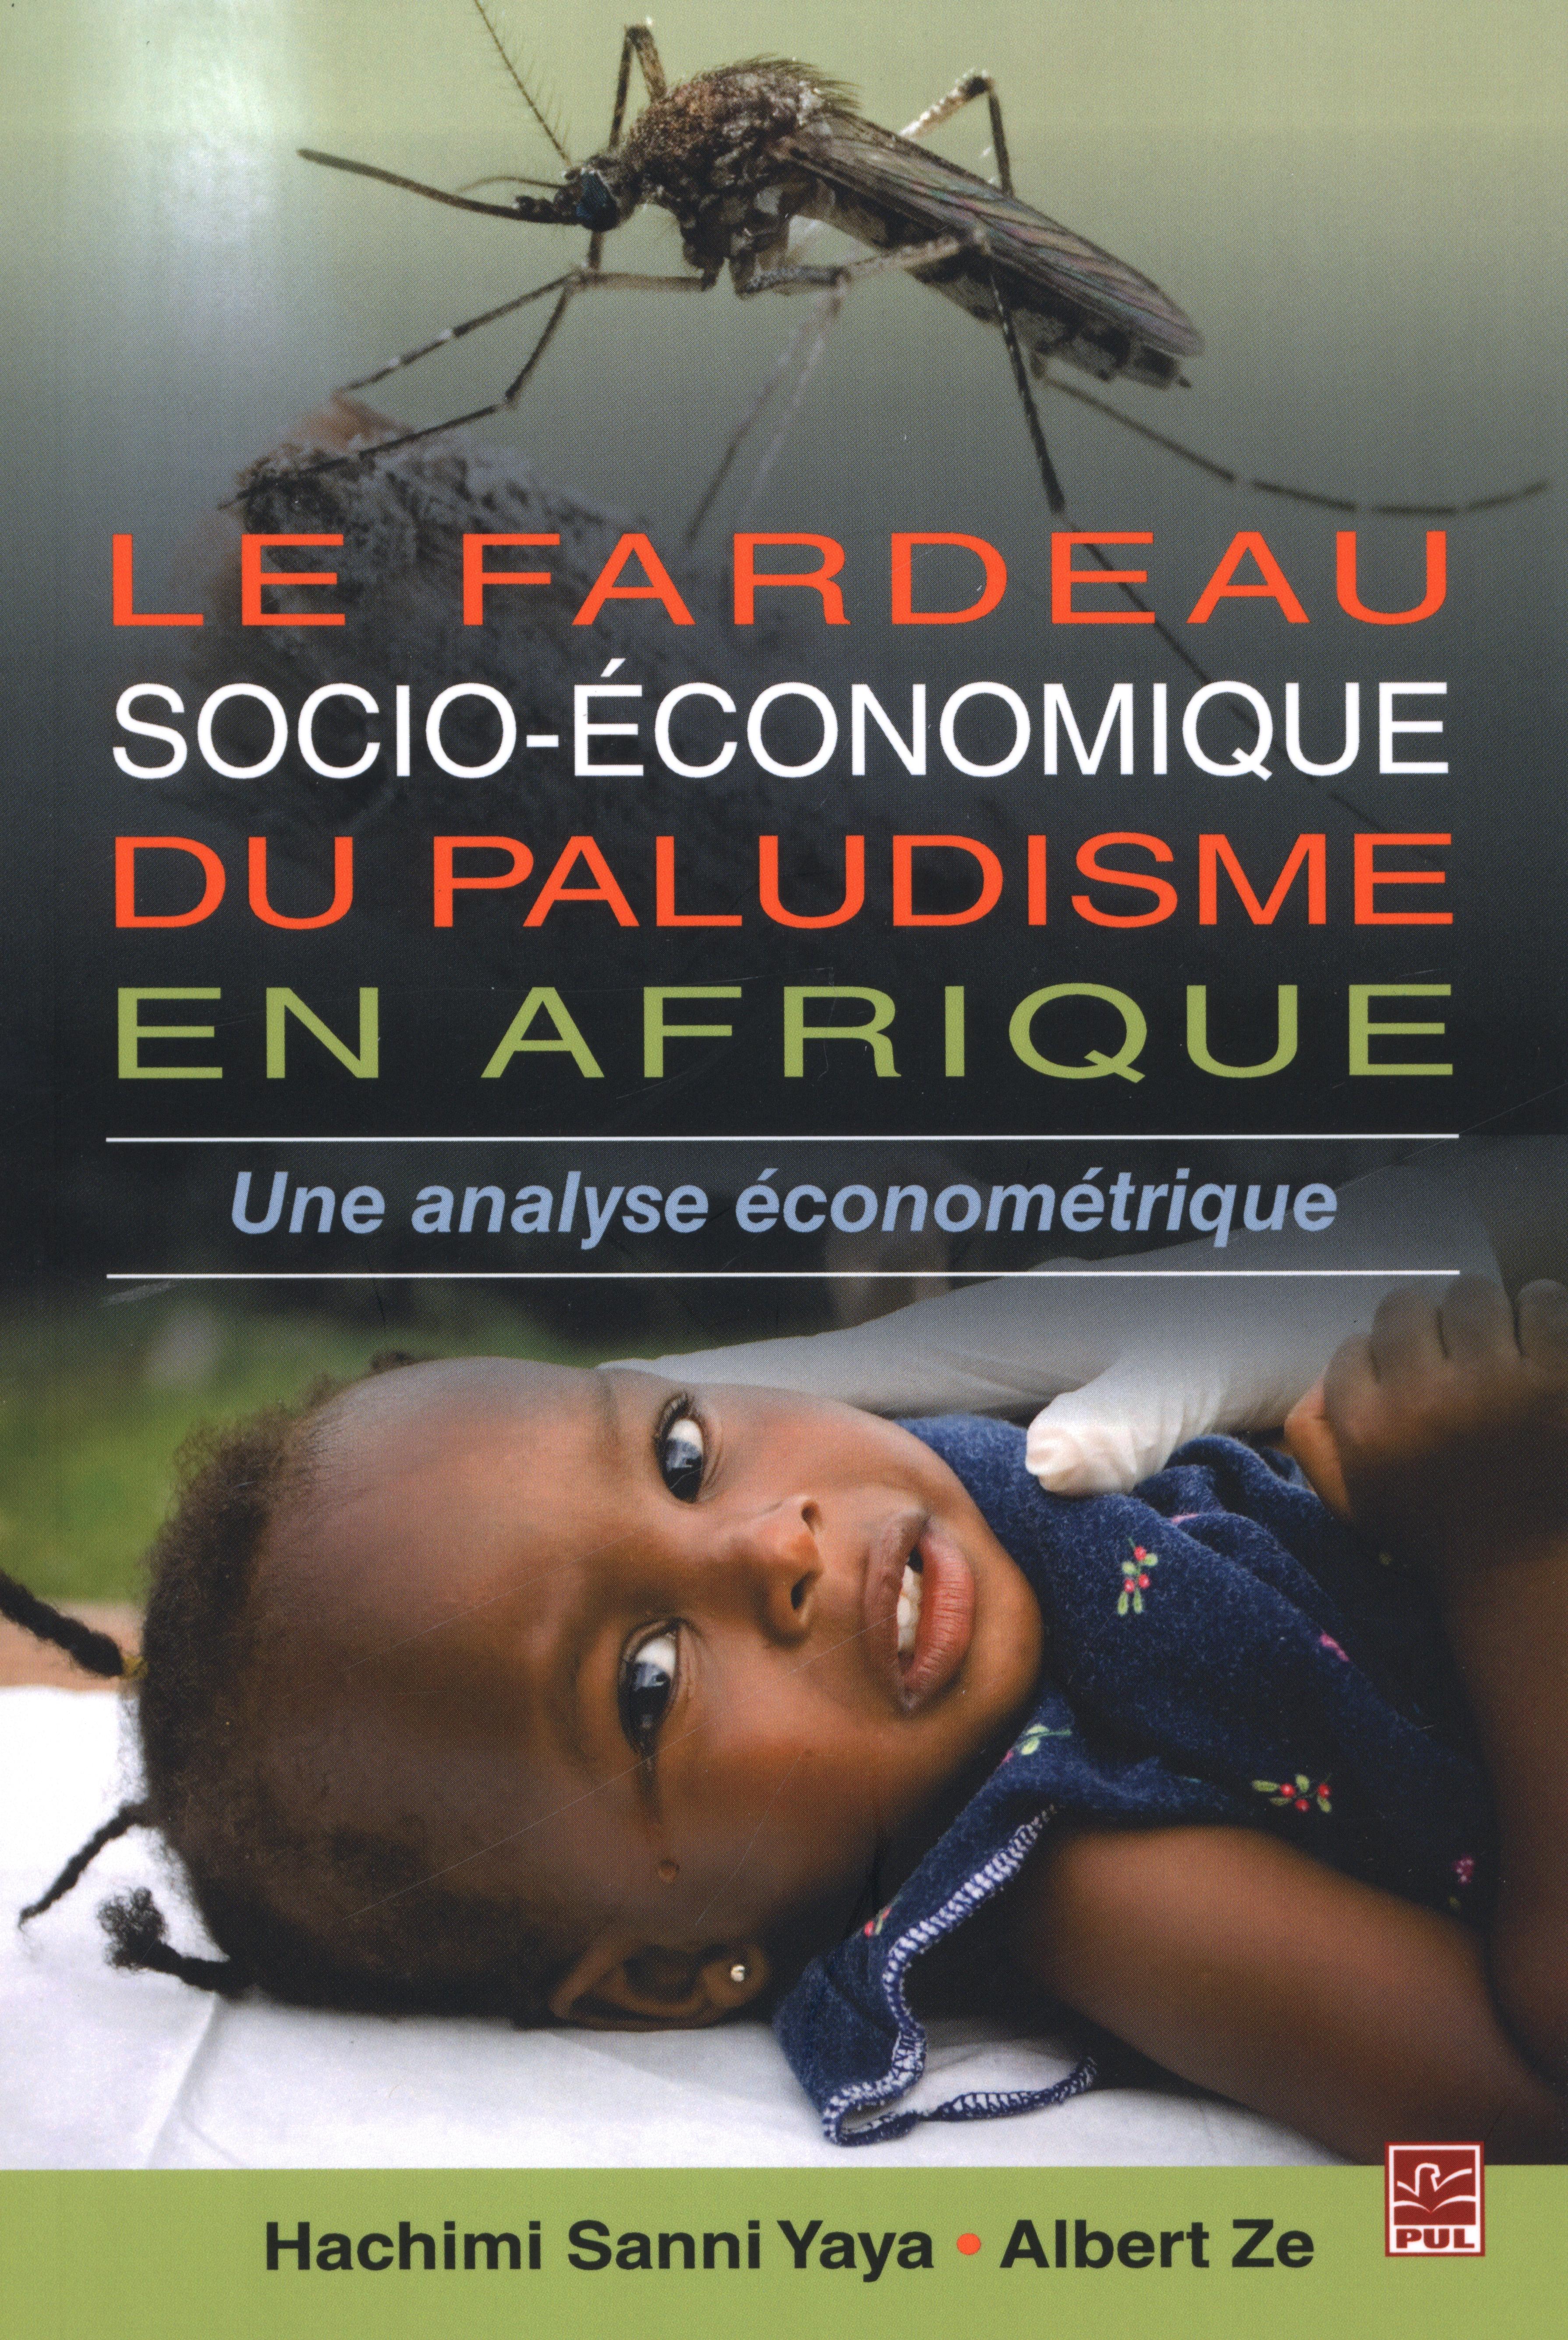 Le fardeau socio-économique du paludisme en Afrique